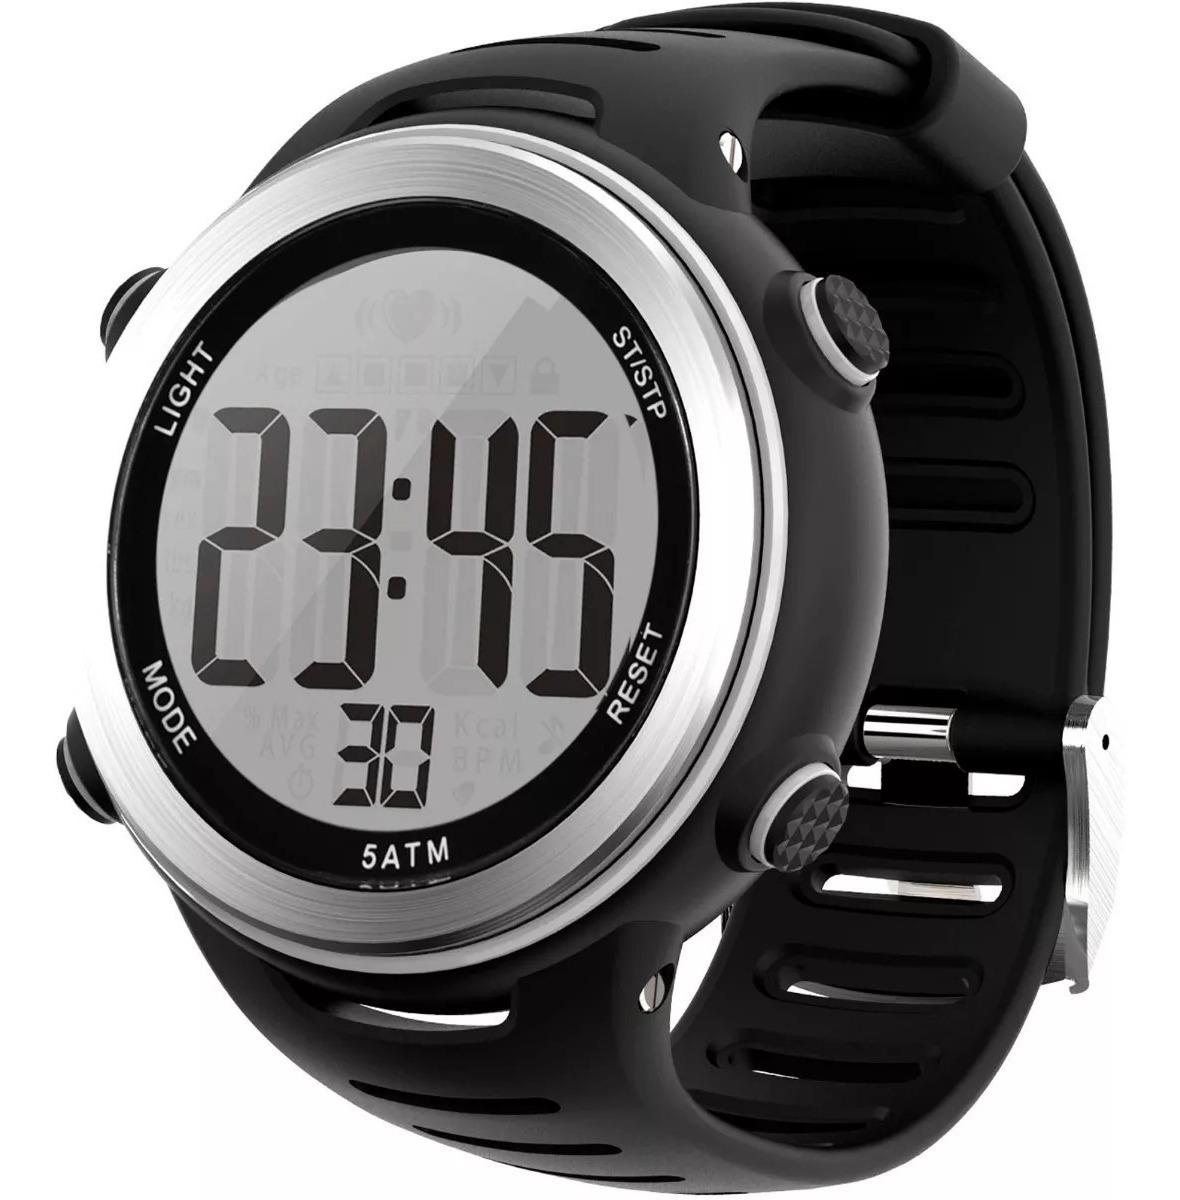 Deportivo Atletismo Instto Smart Insport Cardio Reloj Correr c34qS5ARjL